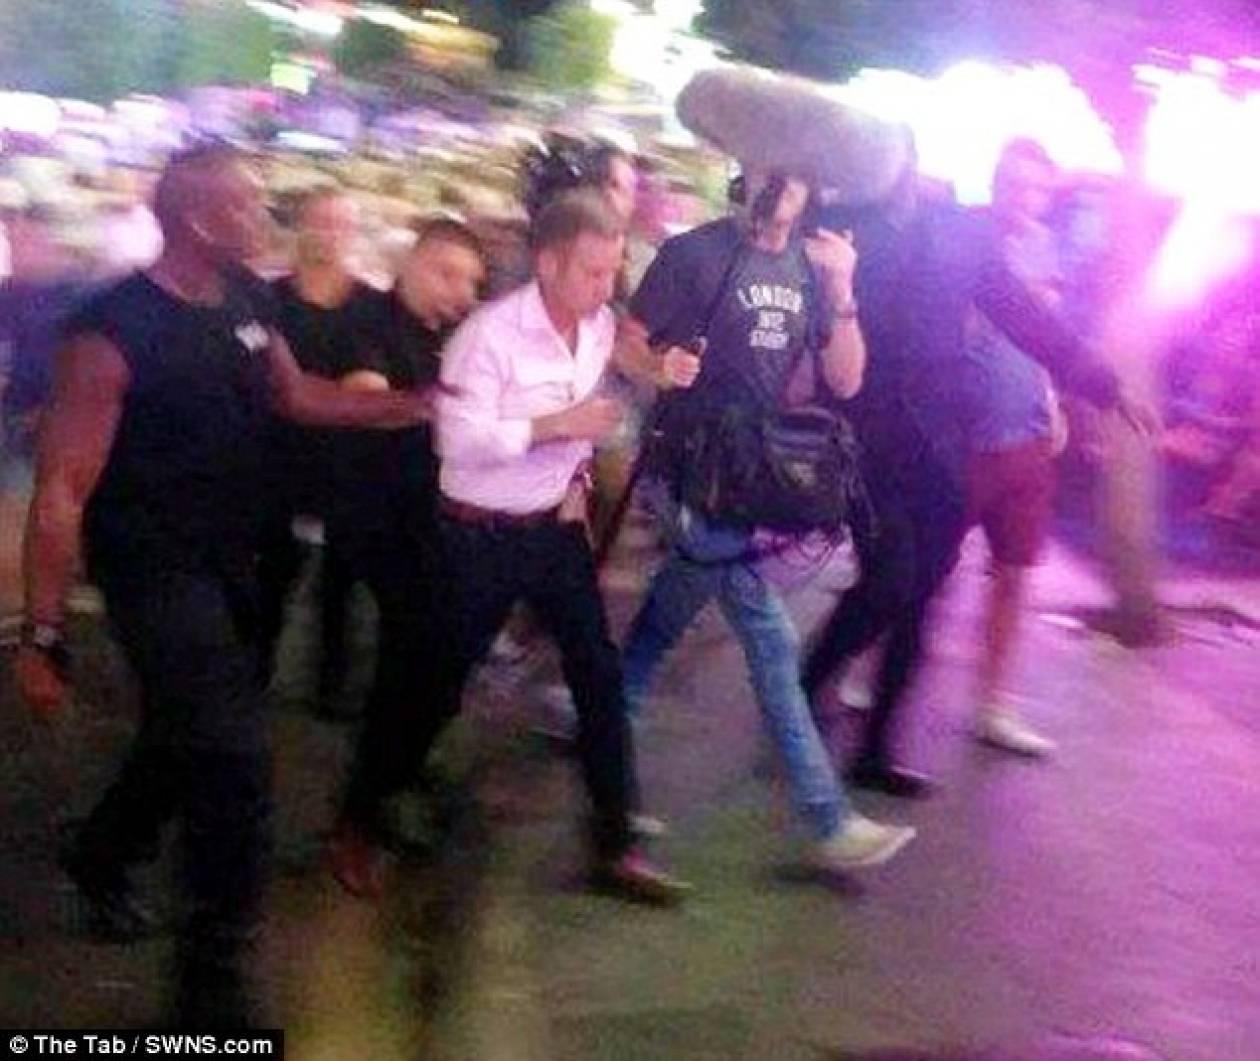 Επίθεση σε δημοσιογράφο στην πόλη των οργίων! (pics+video)